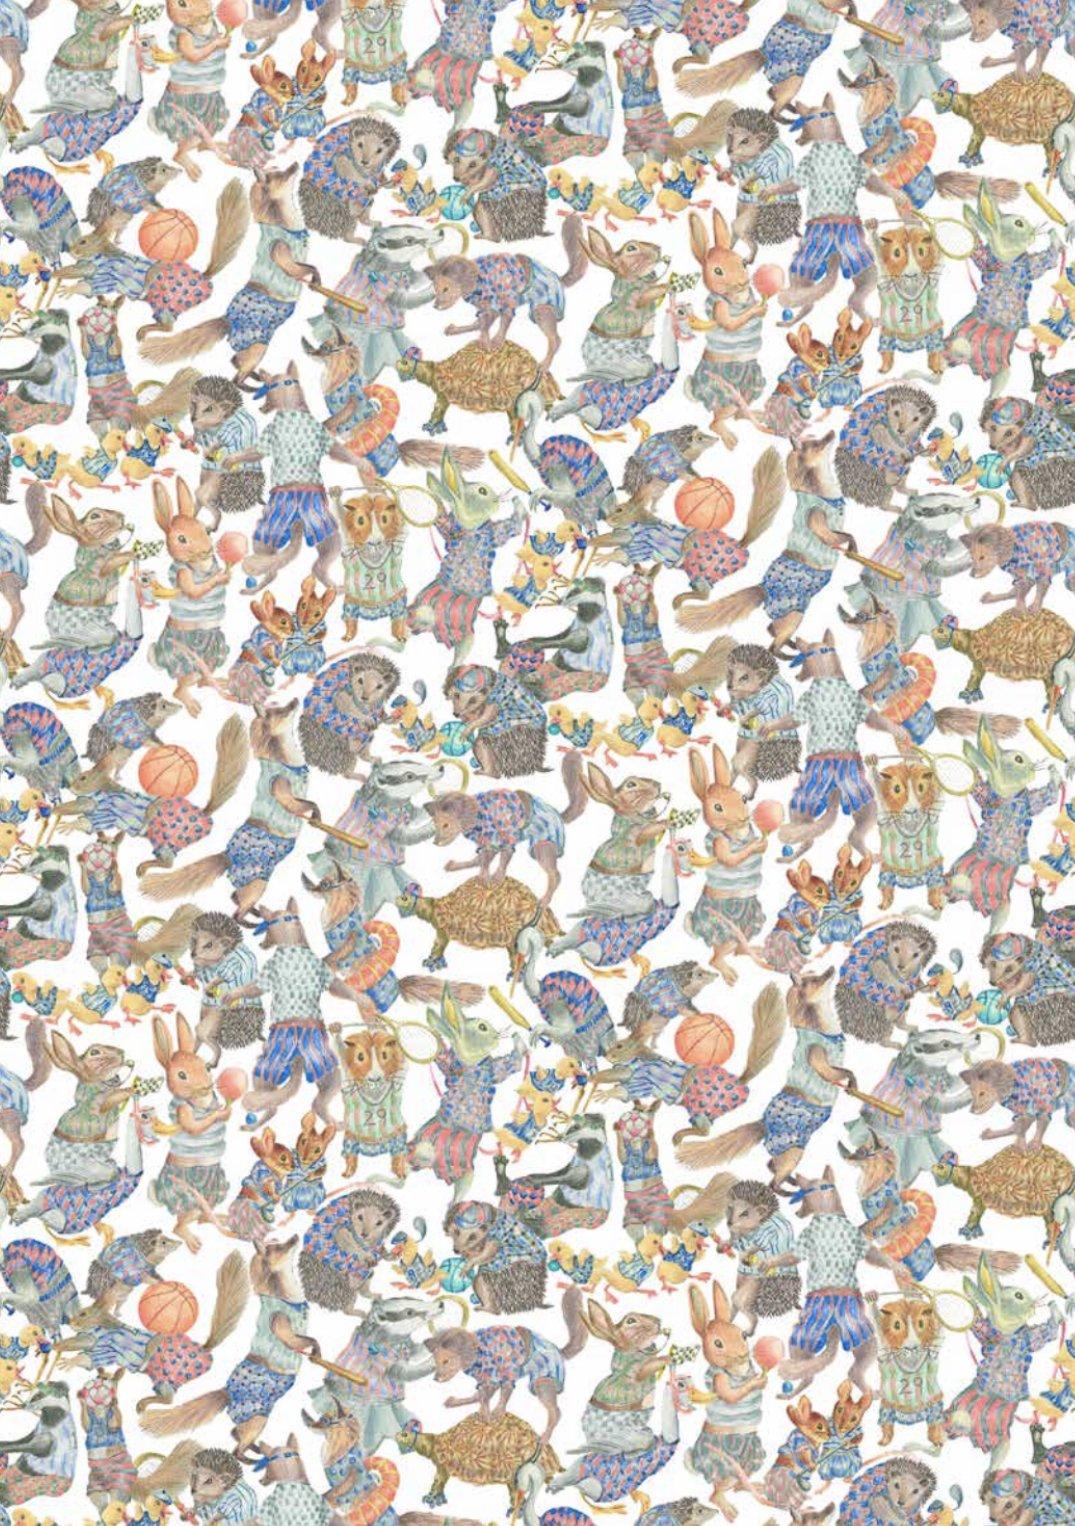 Hullabaloo A Liberty of London Tana Lawn Fabric